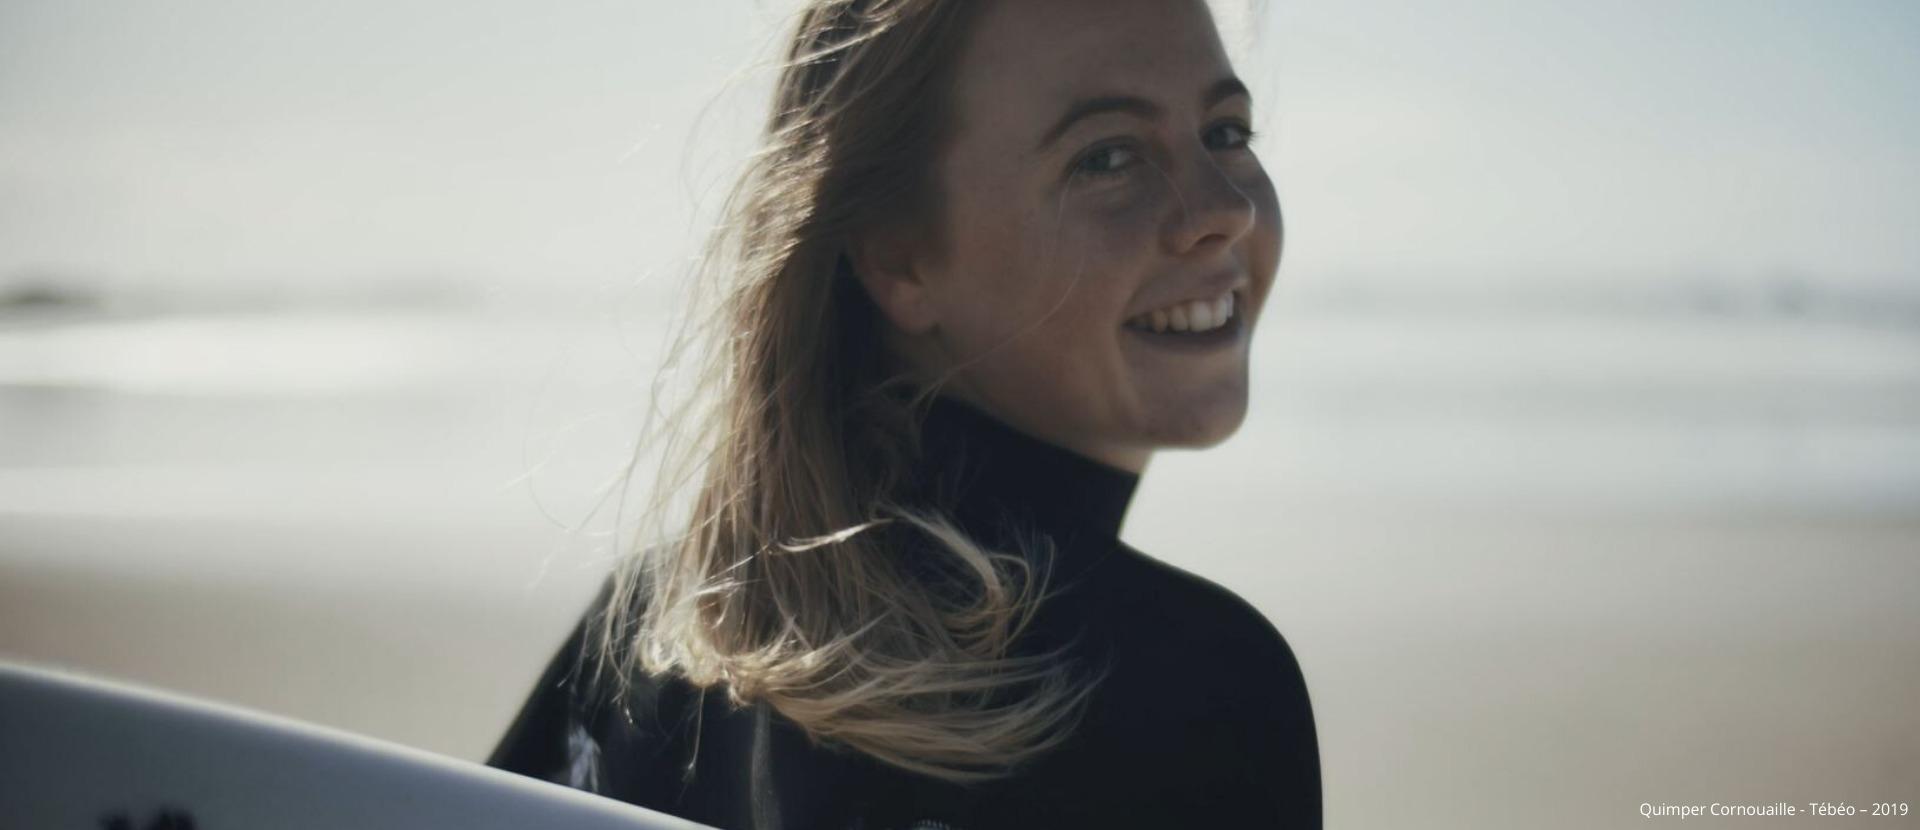 Ozvan Masseron Talent de Quimper Cornouaille, championne de France de surf, La Torche